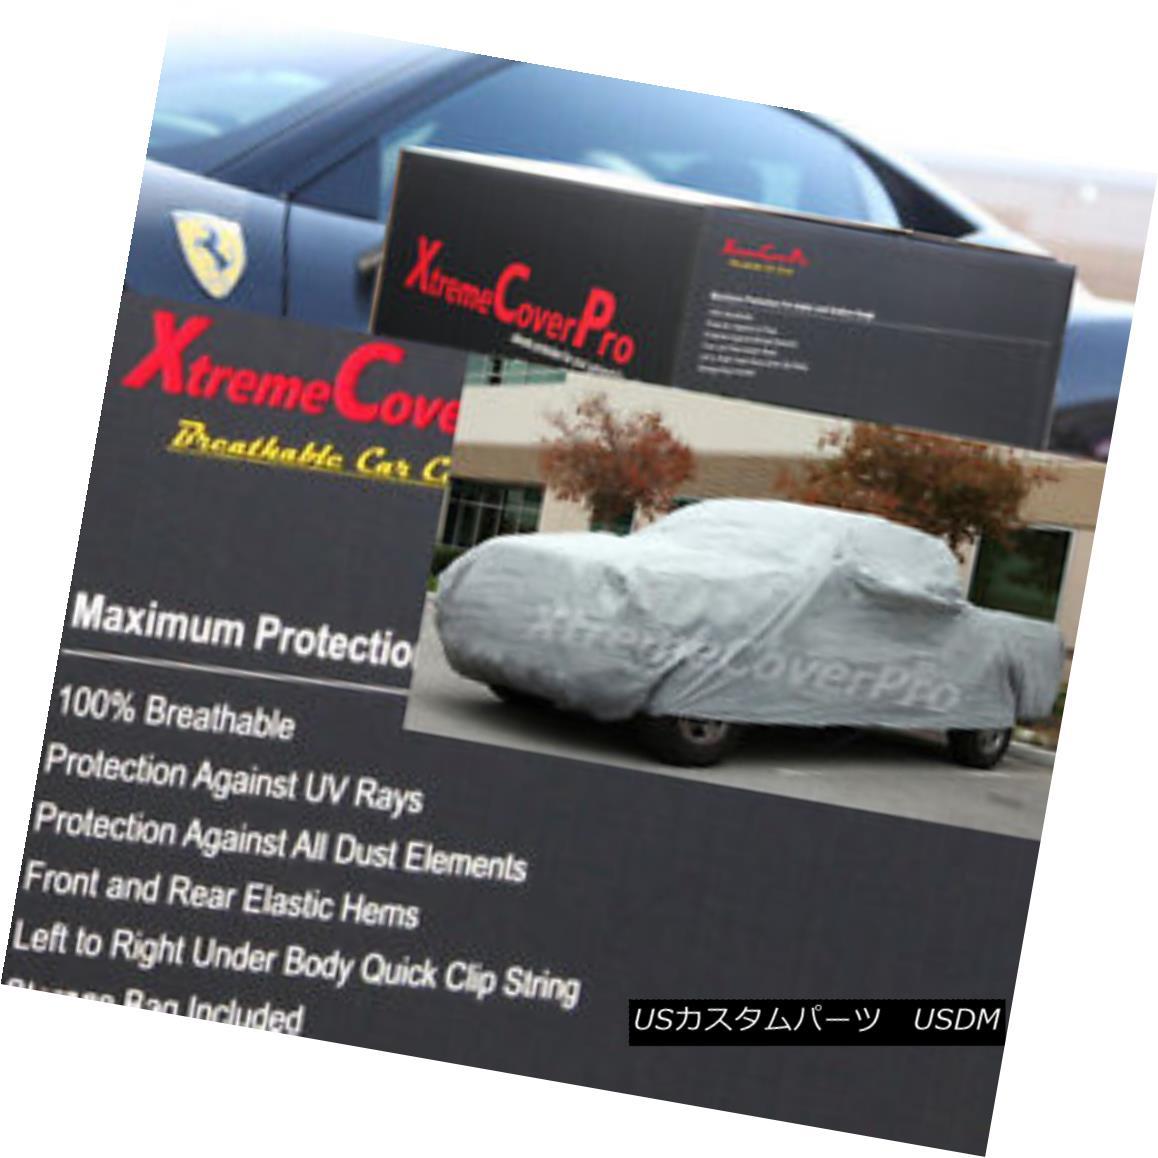 カーカバー 2010 2011 2012 Toyota Tundra Reg Cab 6.5ft bed Breathable Truck Cover 2010 2011 2012トヨタトンドラReg Cab 6.5ftベッド通気性トラックカバー